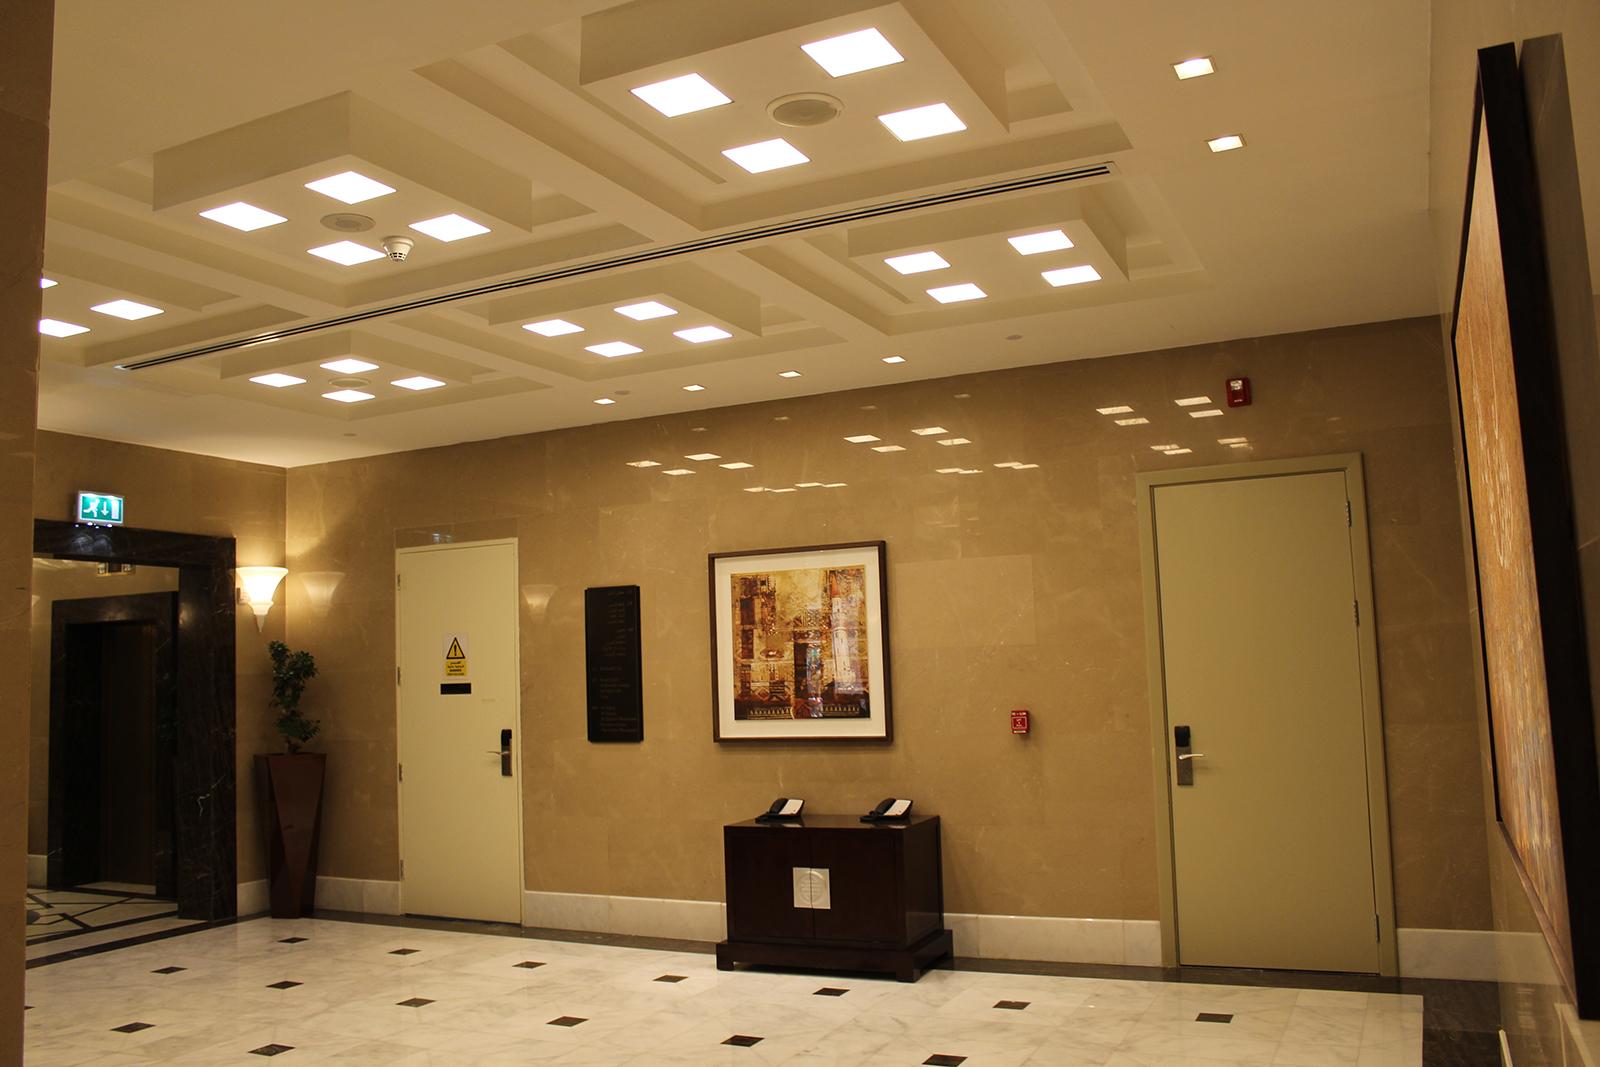 Hilton Hotel Mecca, Makkah KSA